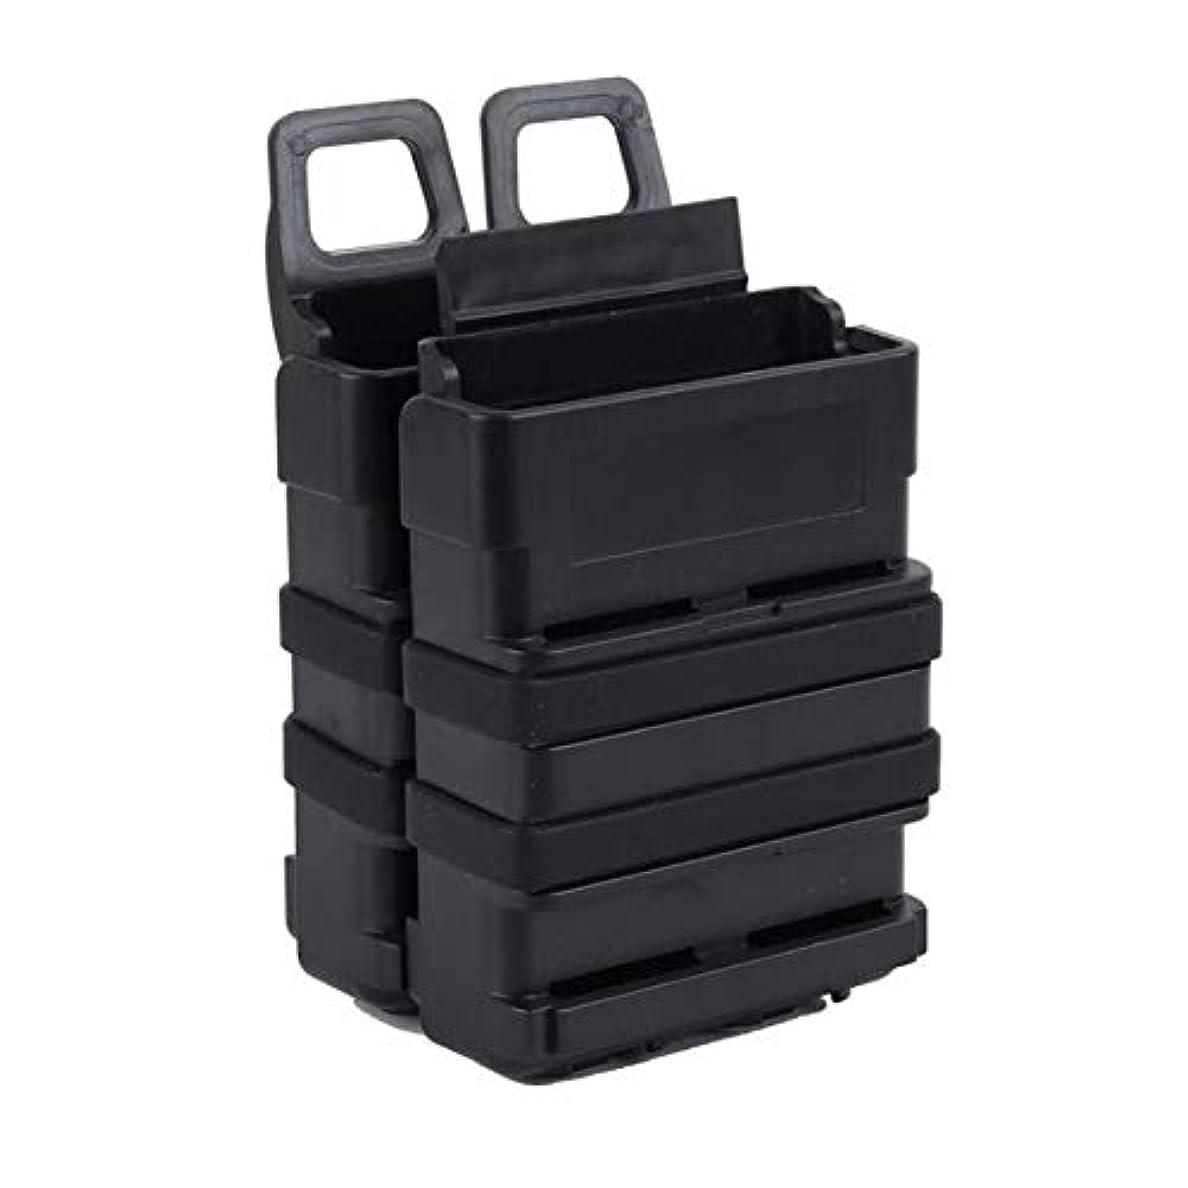 物質ぜいたくむしろLeoie 5.56 アウトドア 多機能 タクティカル ベスト アクセサリー マルチカラー ポーチ バッグ ボックス 2個